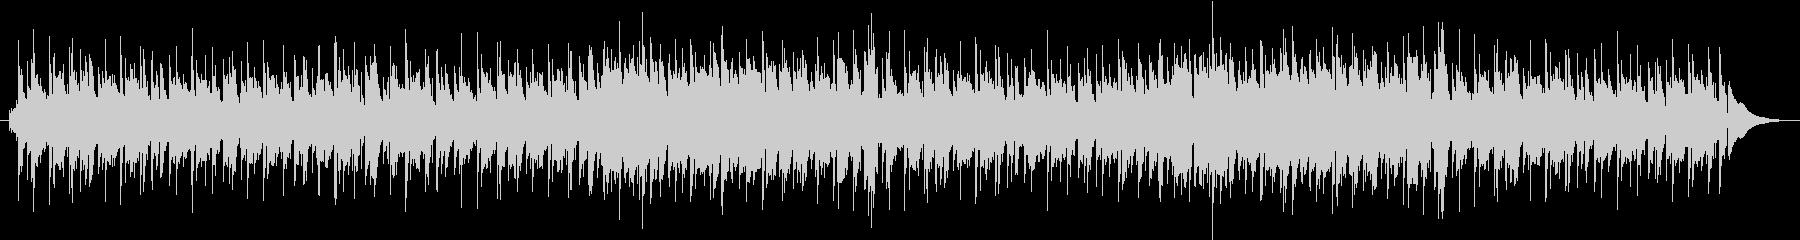 ハイテンポなボサノヴァ風のエレピ・ビー…の未再生の波形